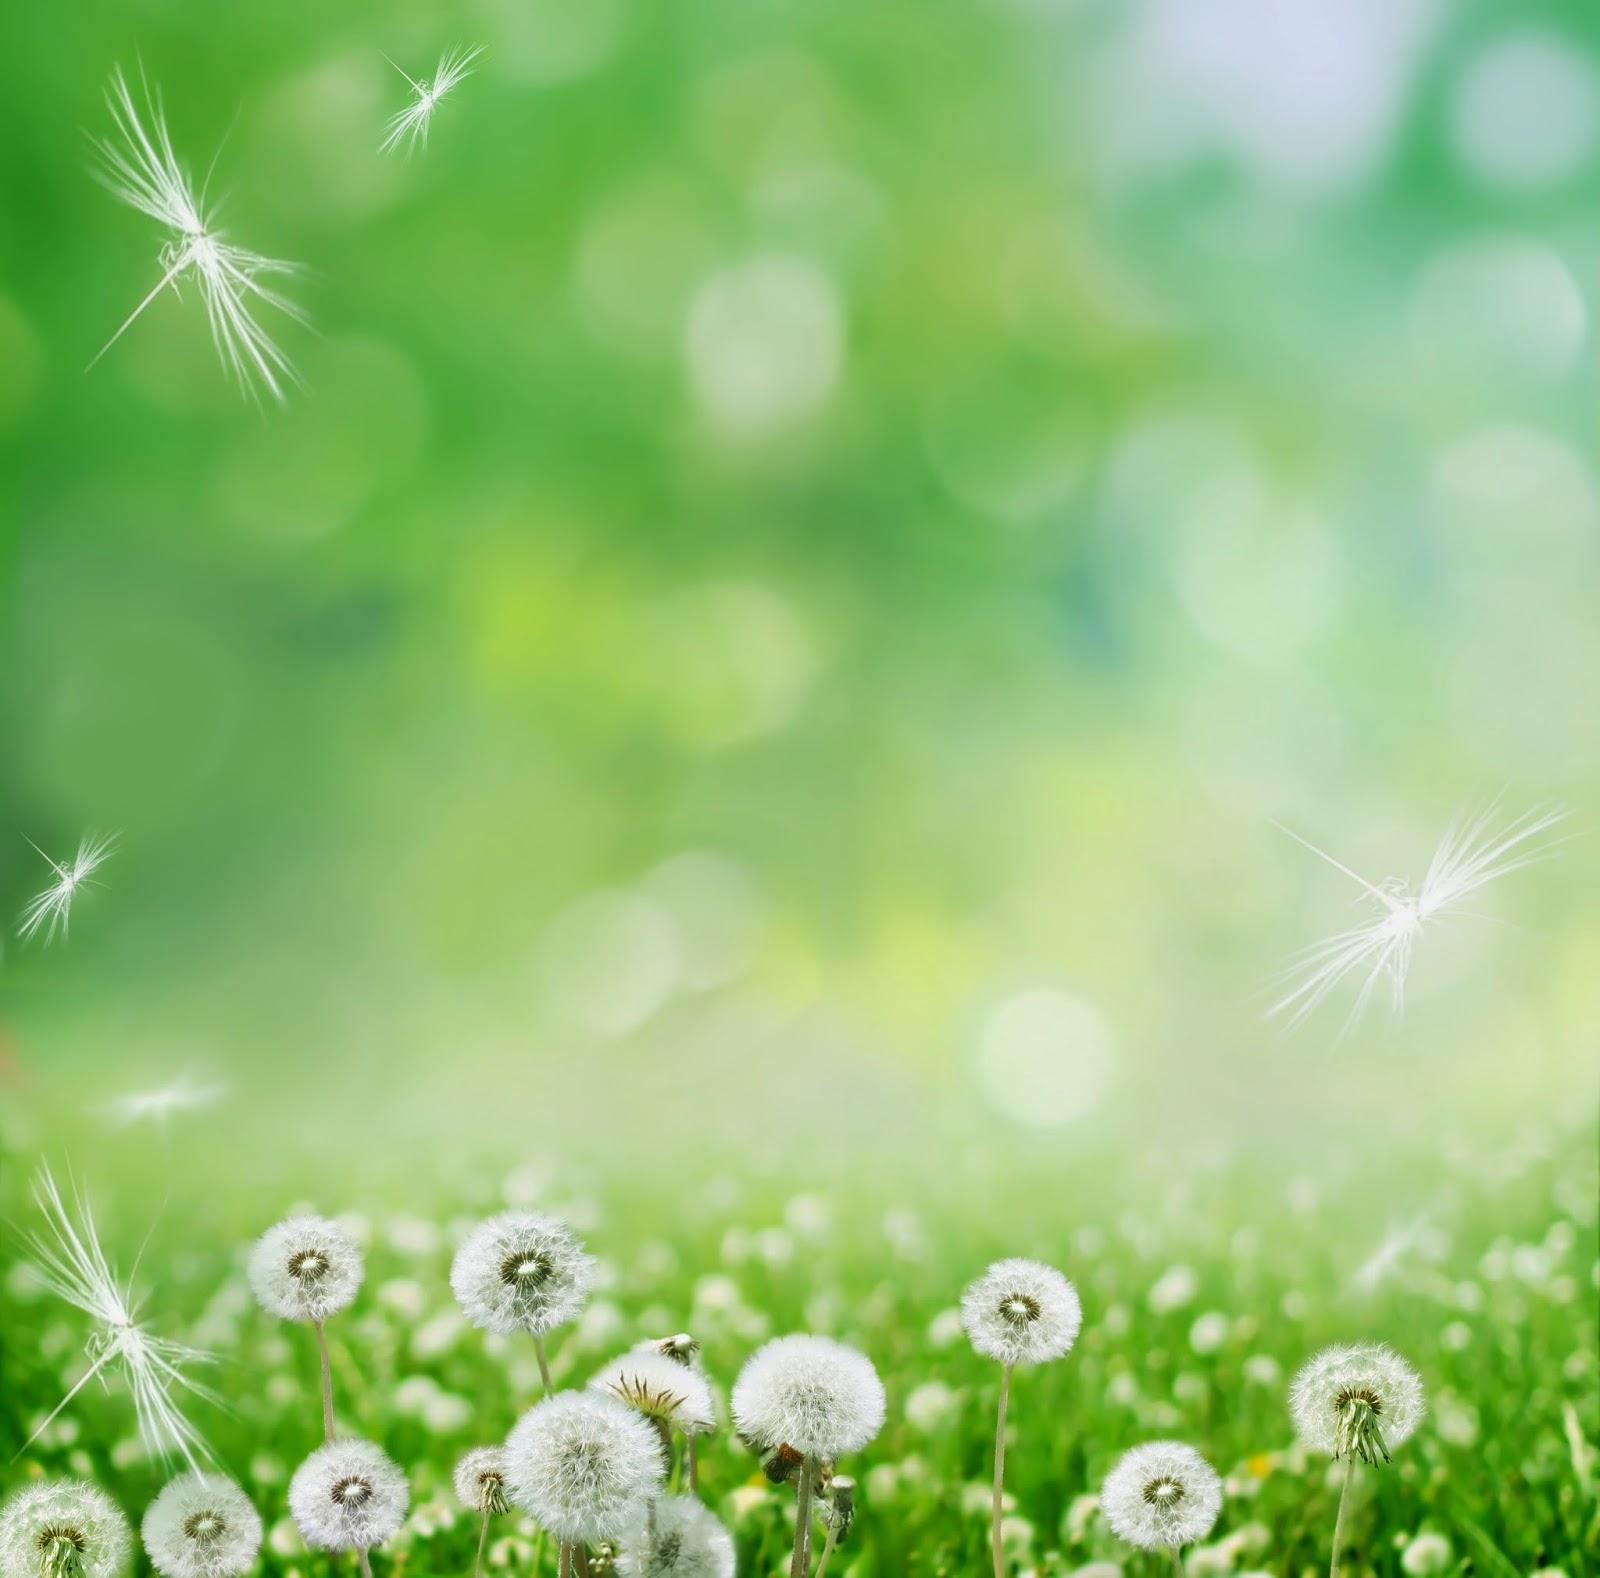 Imagenes fotograficas imagenes bonitas de flores para for Imagenes bonitas para fondo de pantalla